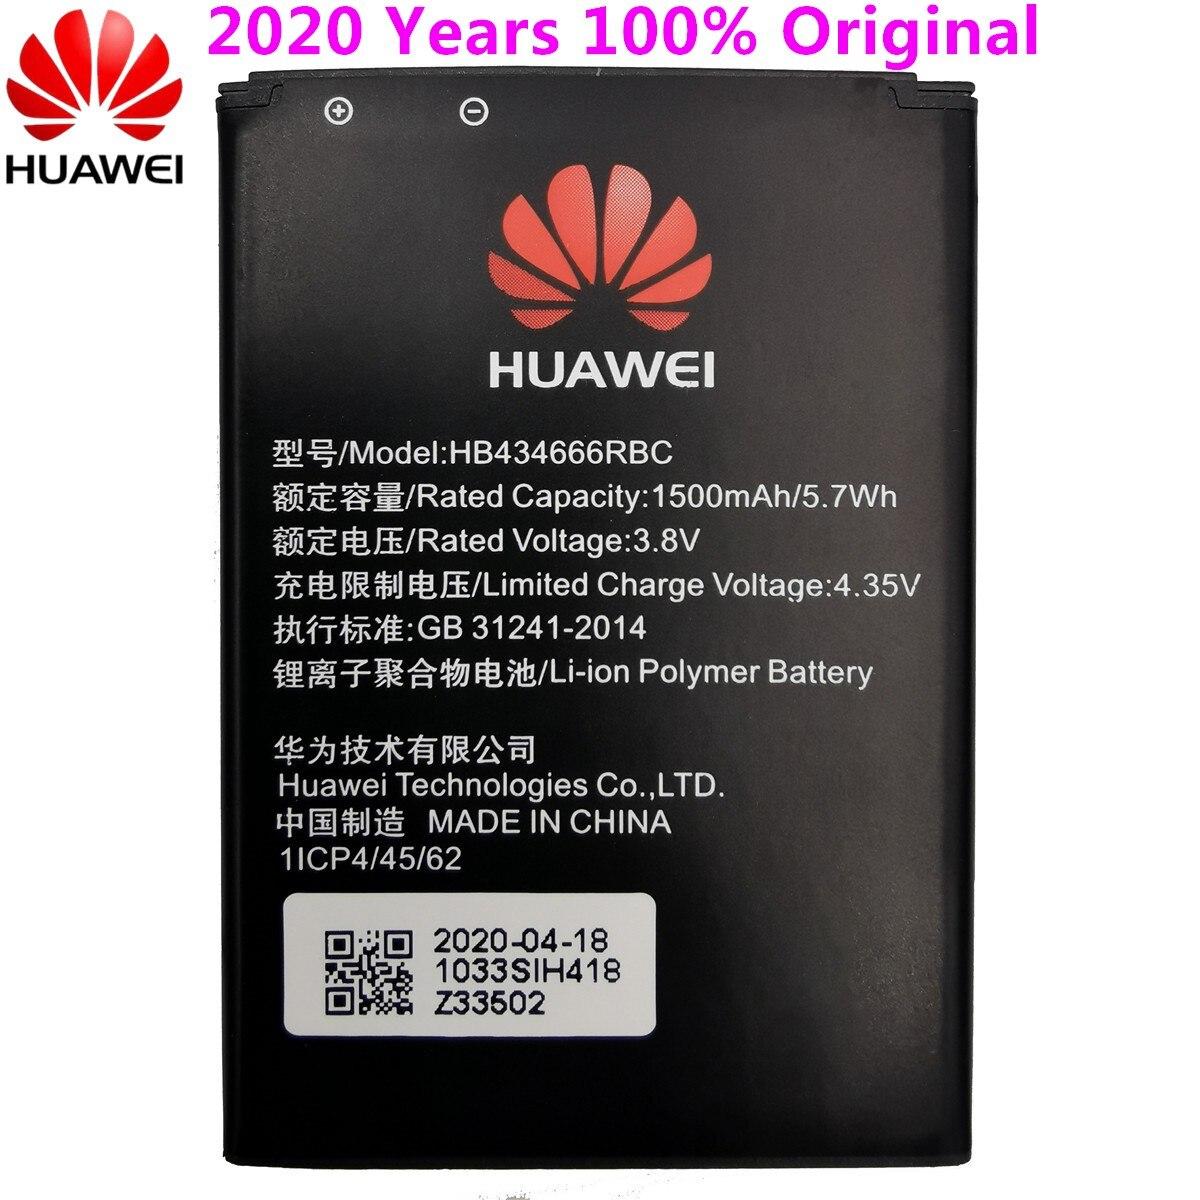 100% Original Battery HB434666RBC For Huawei Router E5573 E5573S E5573s-32 E5573s-320 E5573s-606 -806 High Capacity 1500mAh